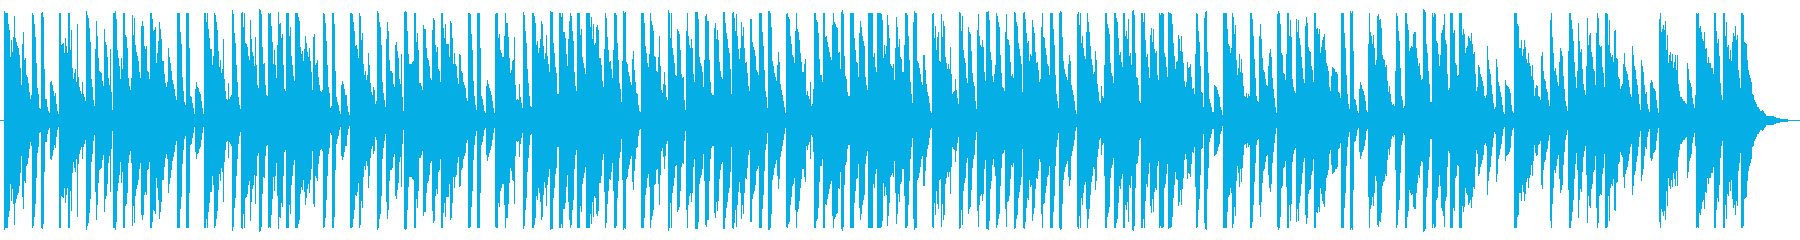 レトロ/アーバン/R&B_No463_5の再生済みの波形